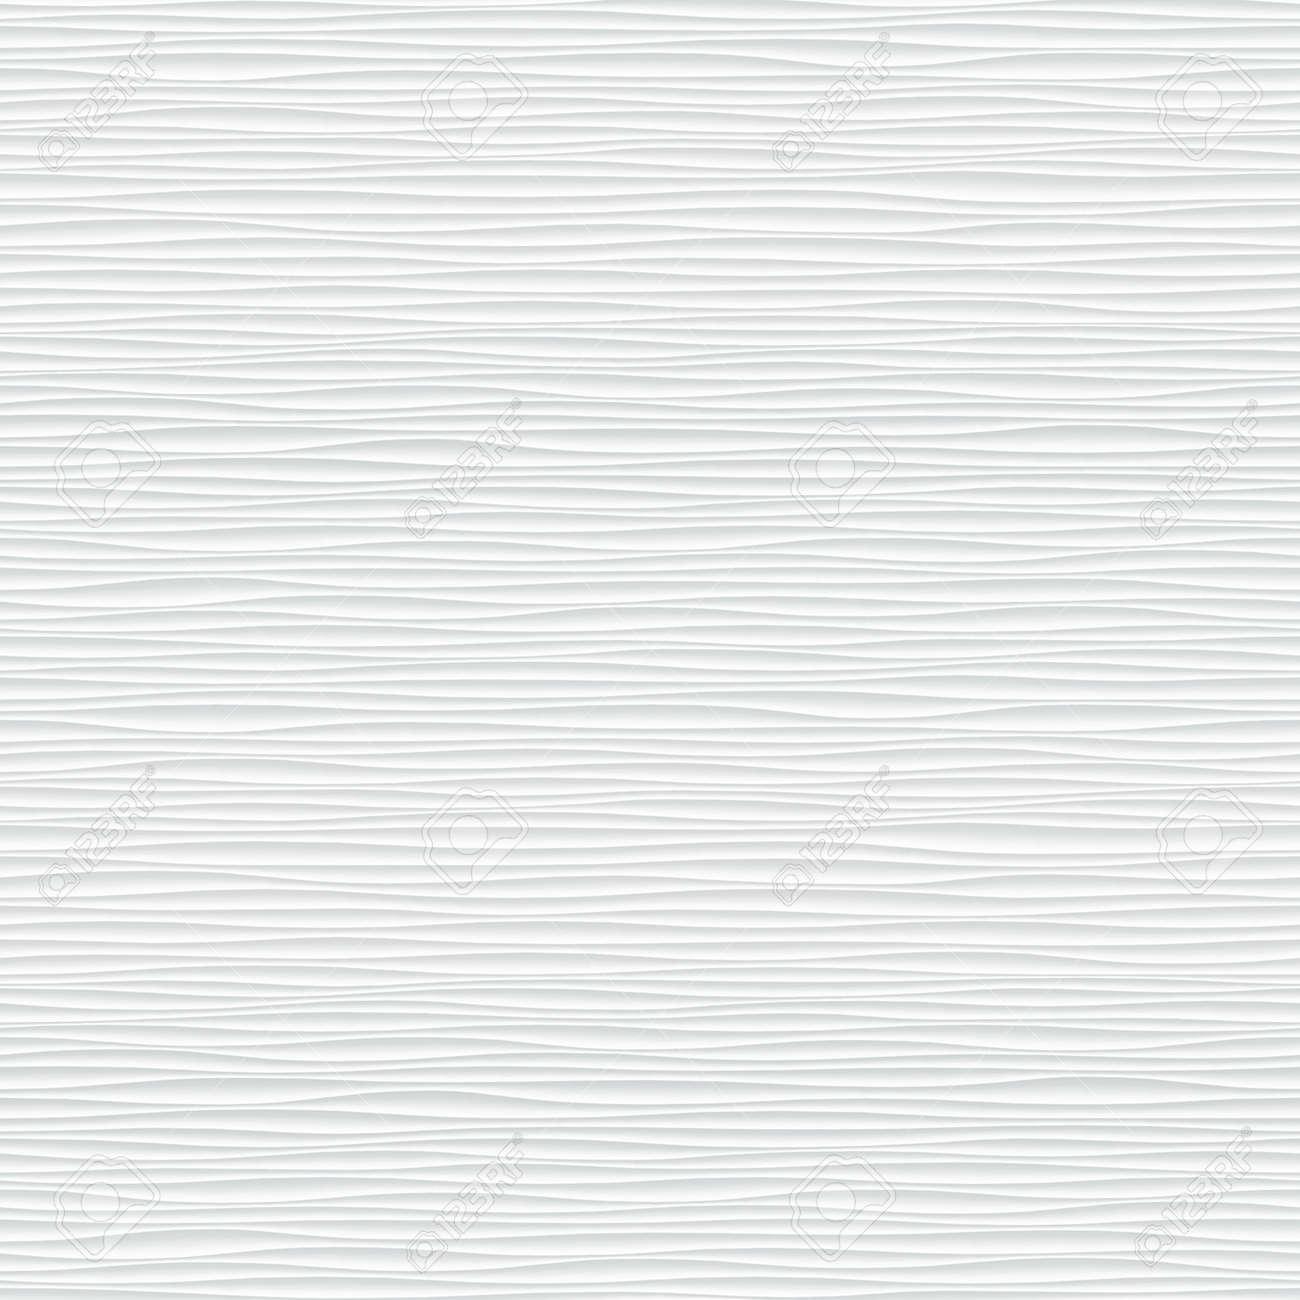 Textura Blanca Sin Costuras Fondo Ondulado Decoración De La Pared